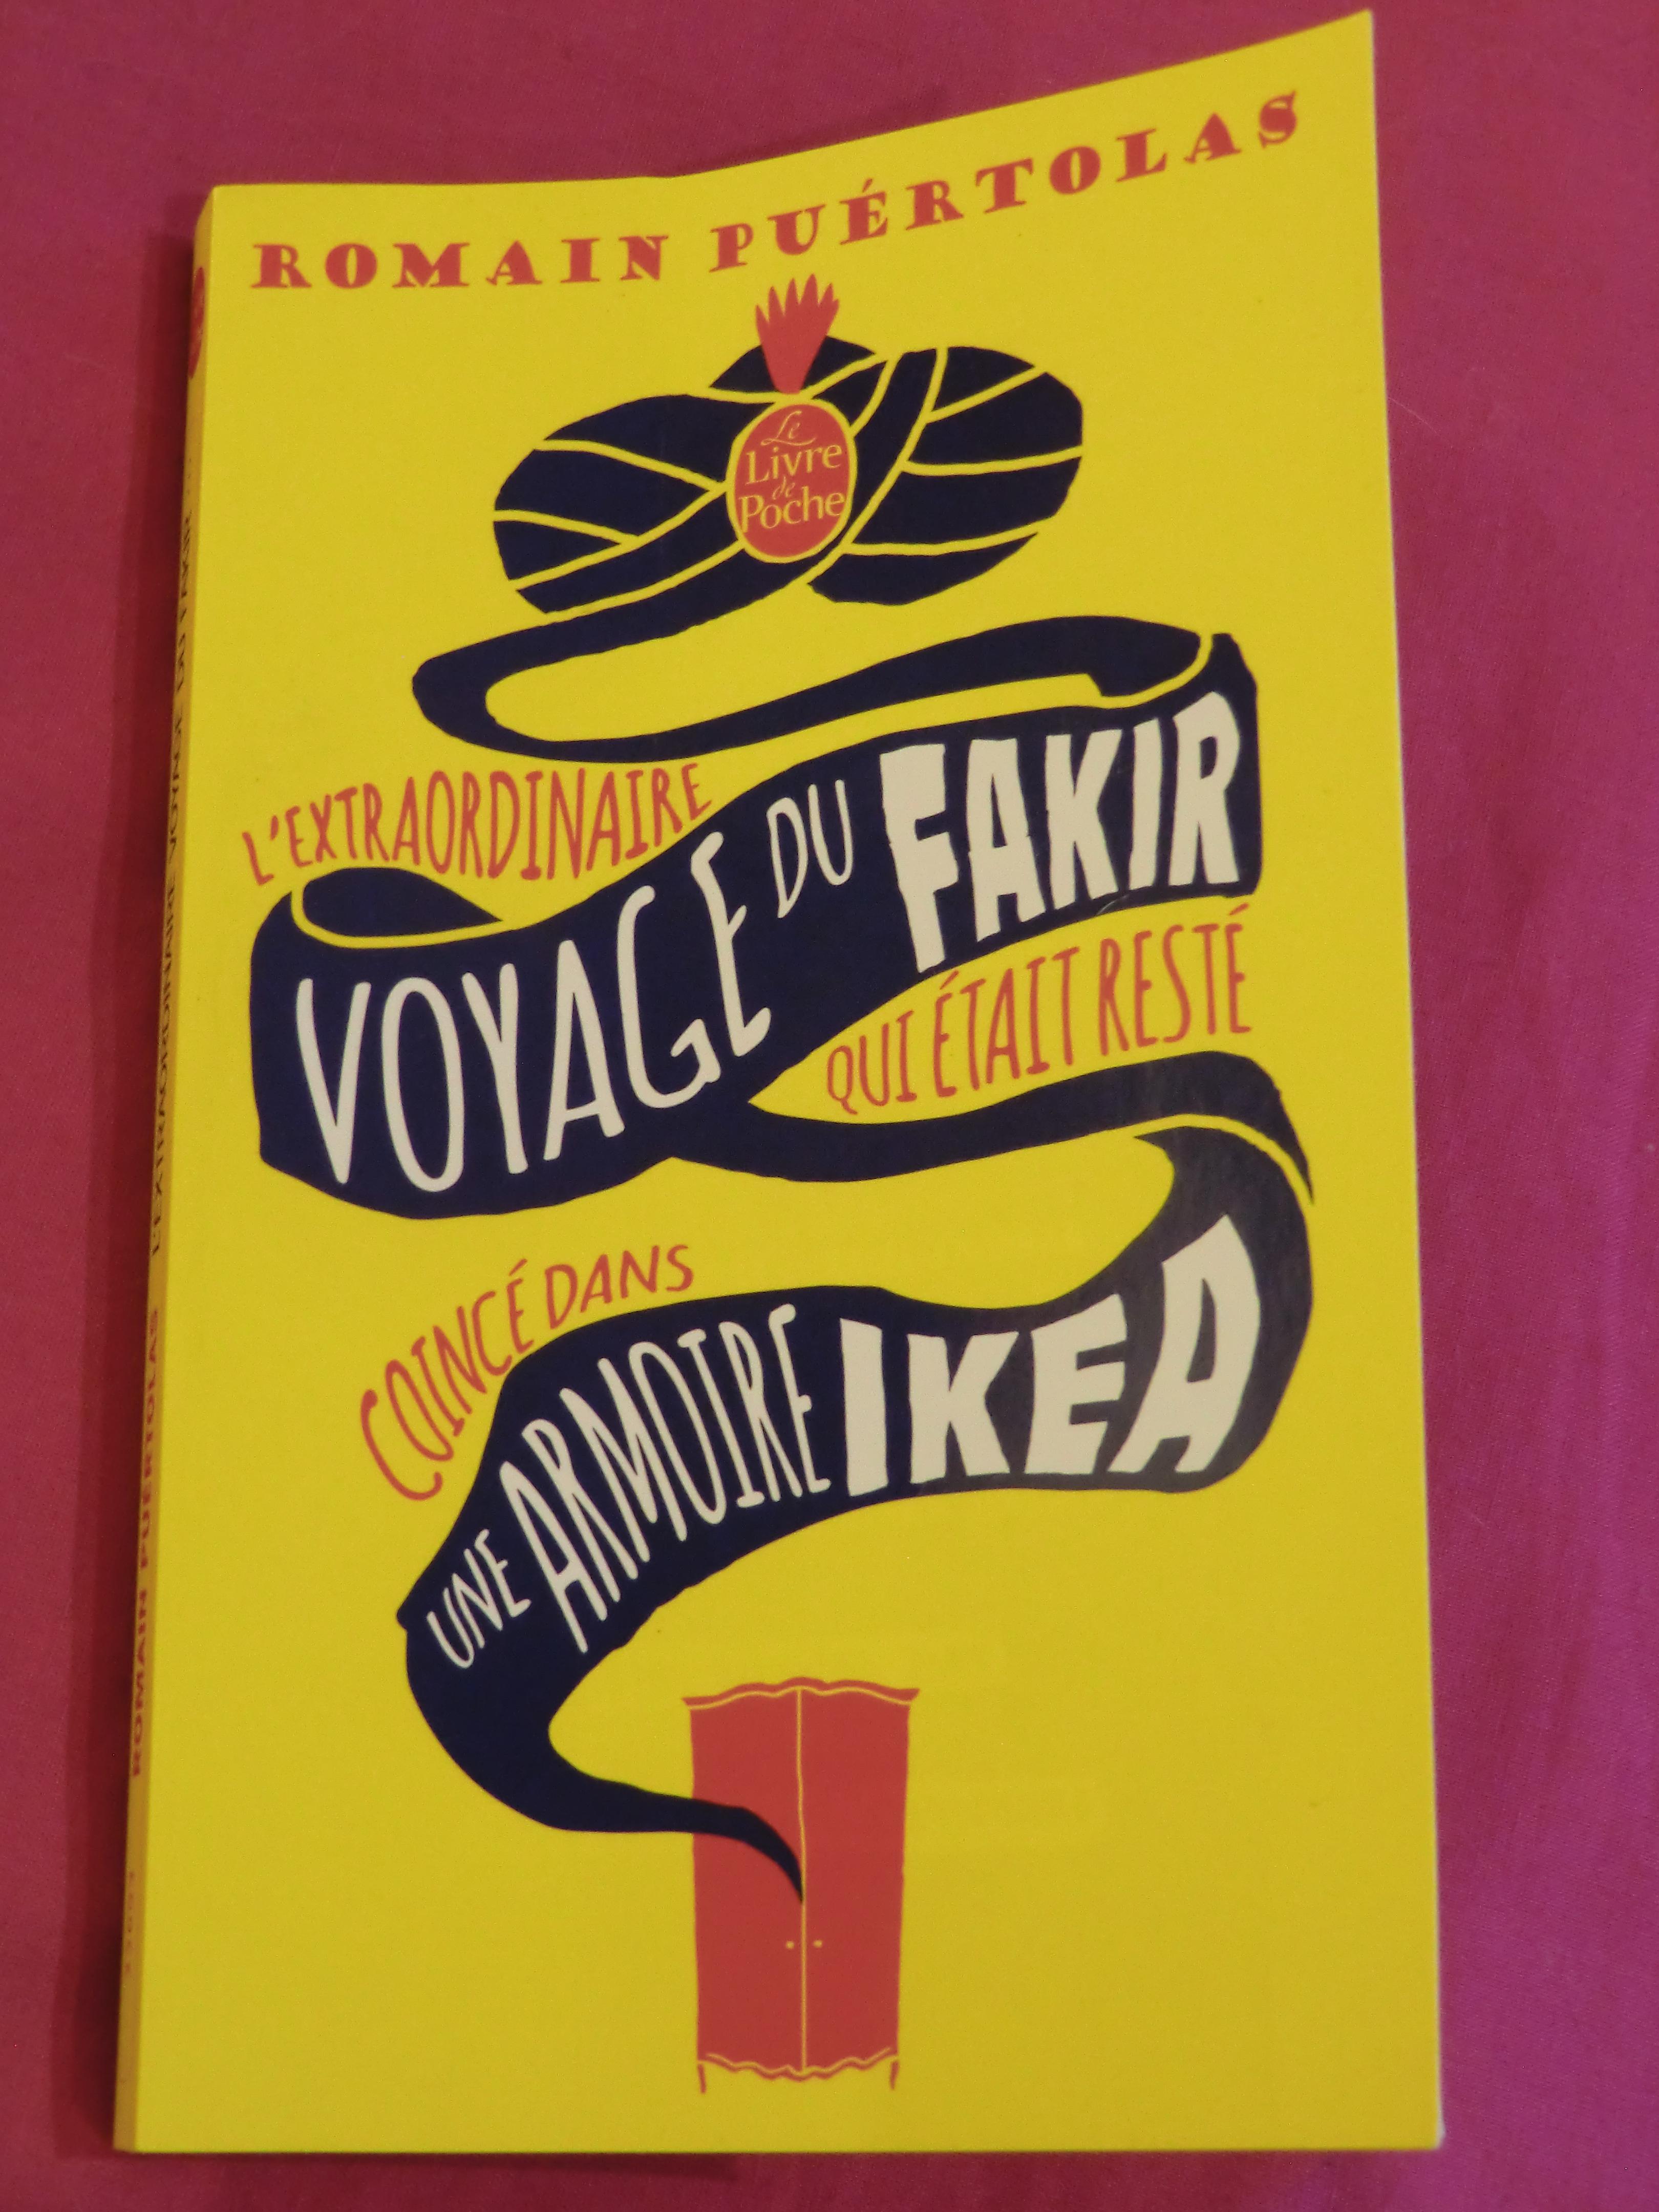 Du Qui VendrediL'extraordinaire Était Livre Voyage Fakir Le 34S5jcALRq